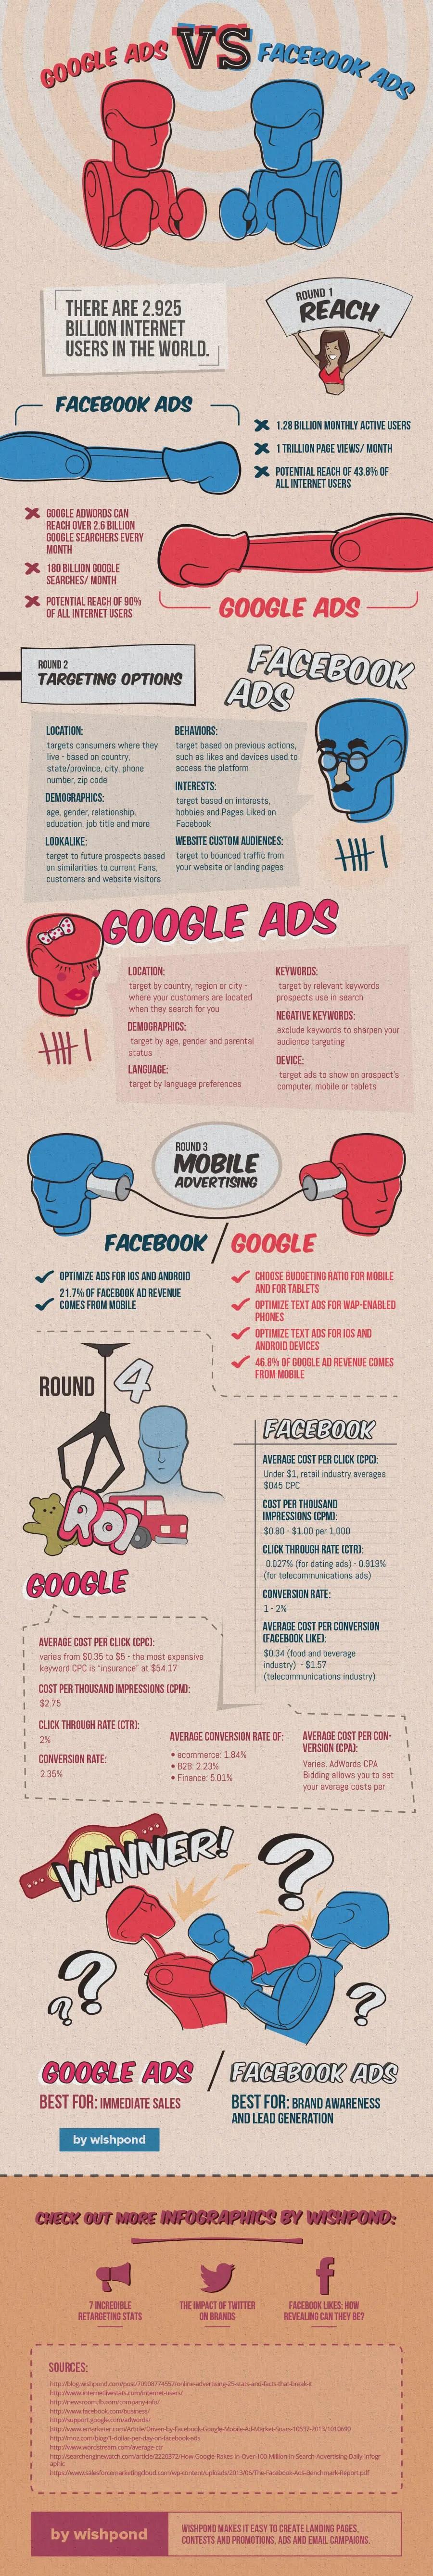 wersm-google-facebook-ads-versus-infographic